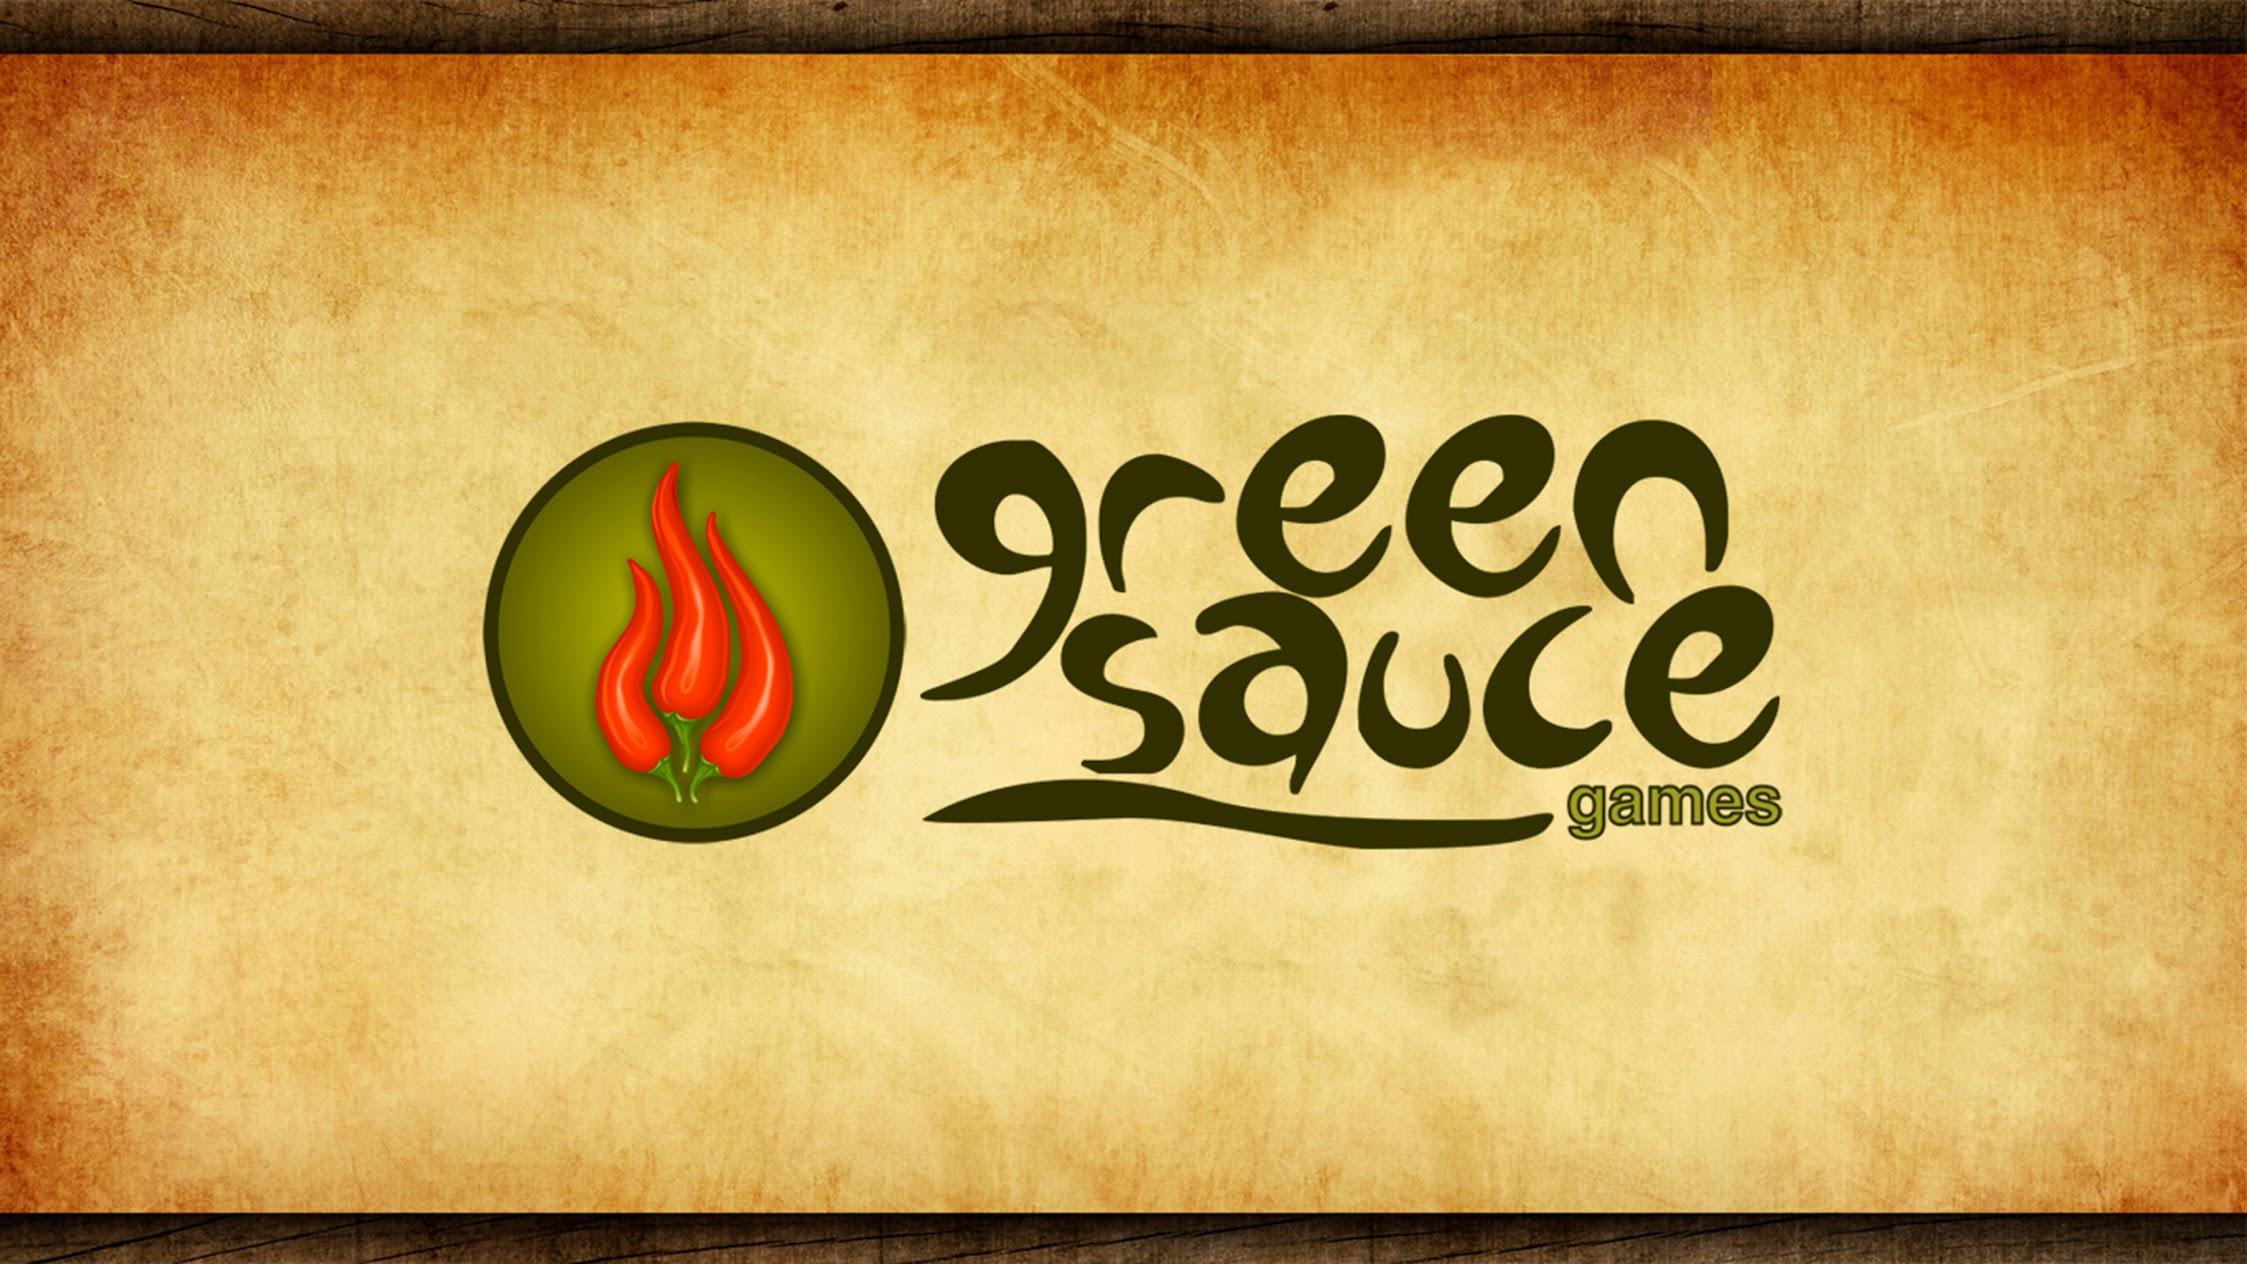 Green Sauce Games